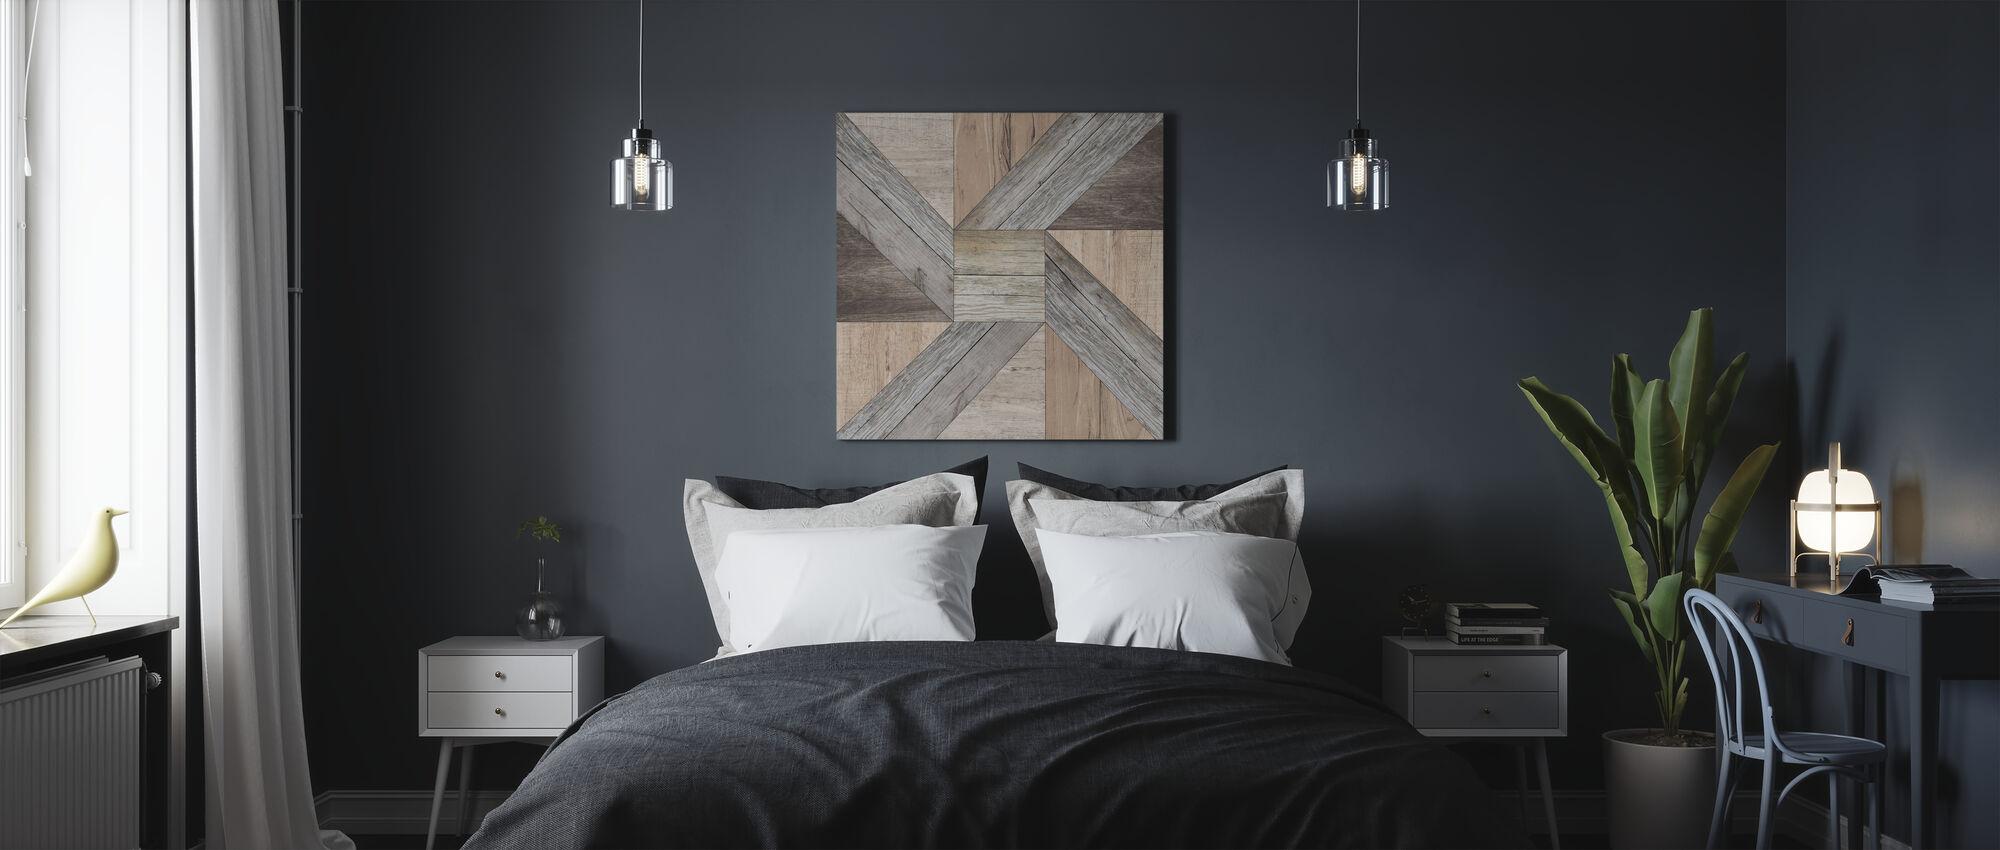 Reclaimed Pinwheel - Canvas print - Bedroom